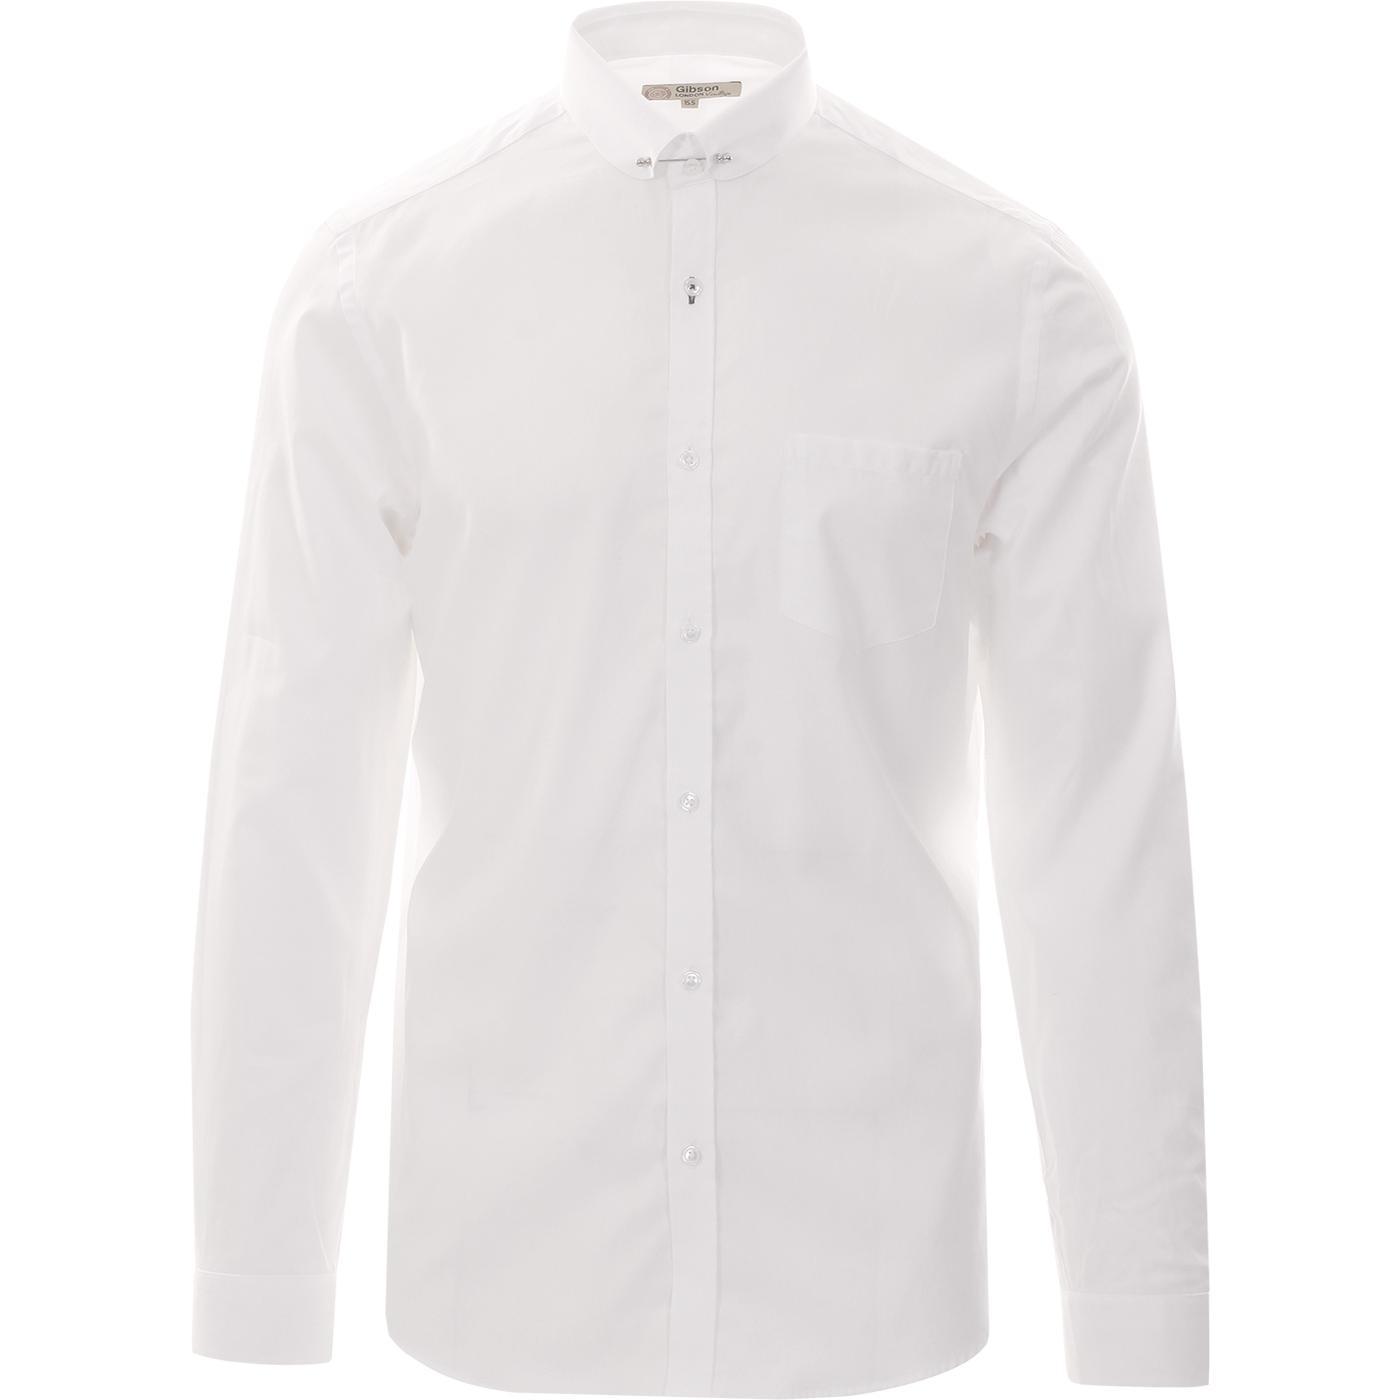 GIBSON LODNON Mod Smart Oxford Pin Collar Shirt